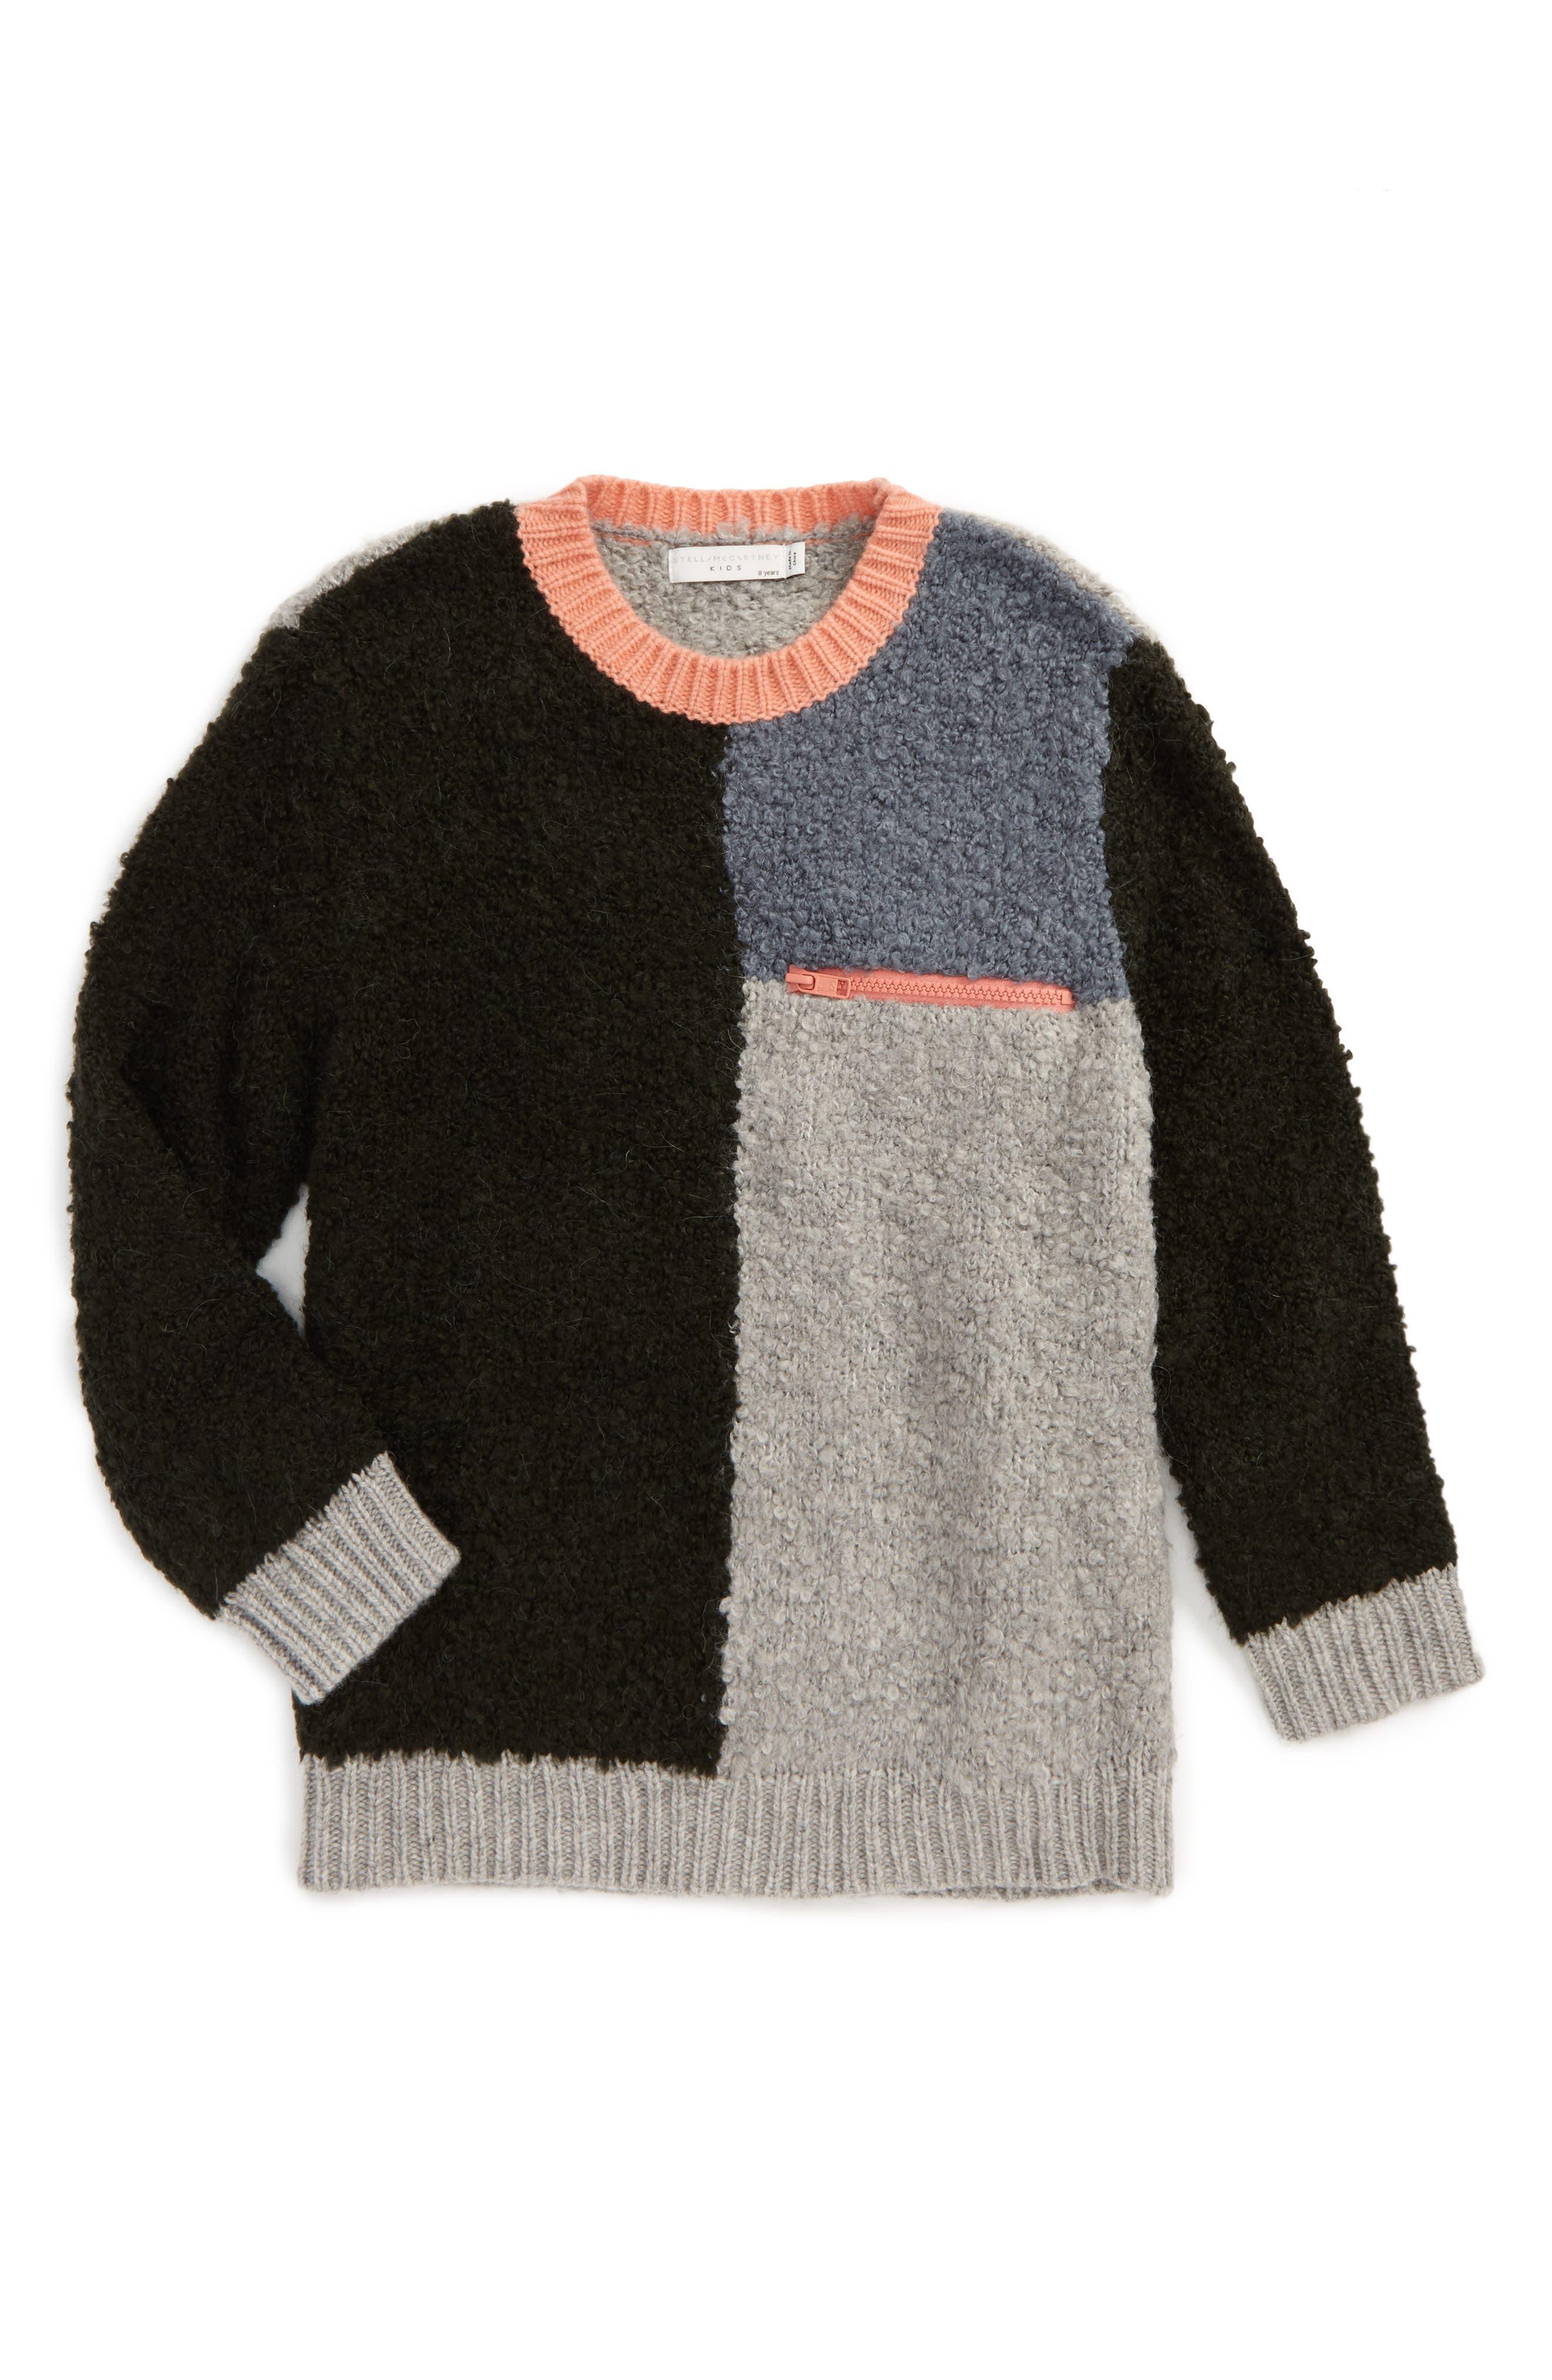 Kids Maya Colorblock Sweater,                             Main thumbnail 1, color,                             Petrol